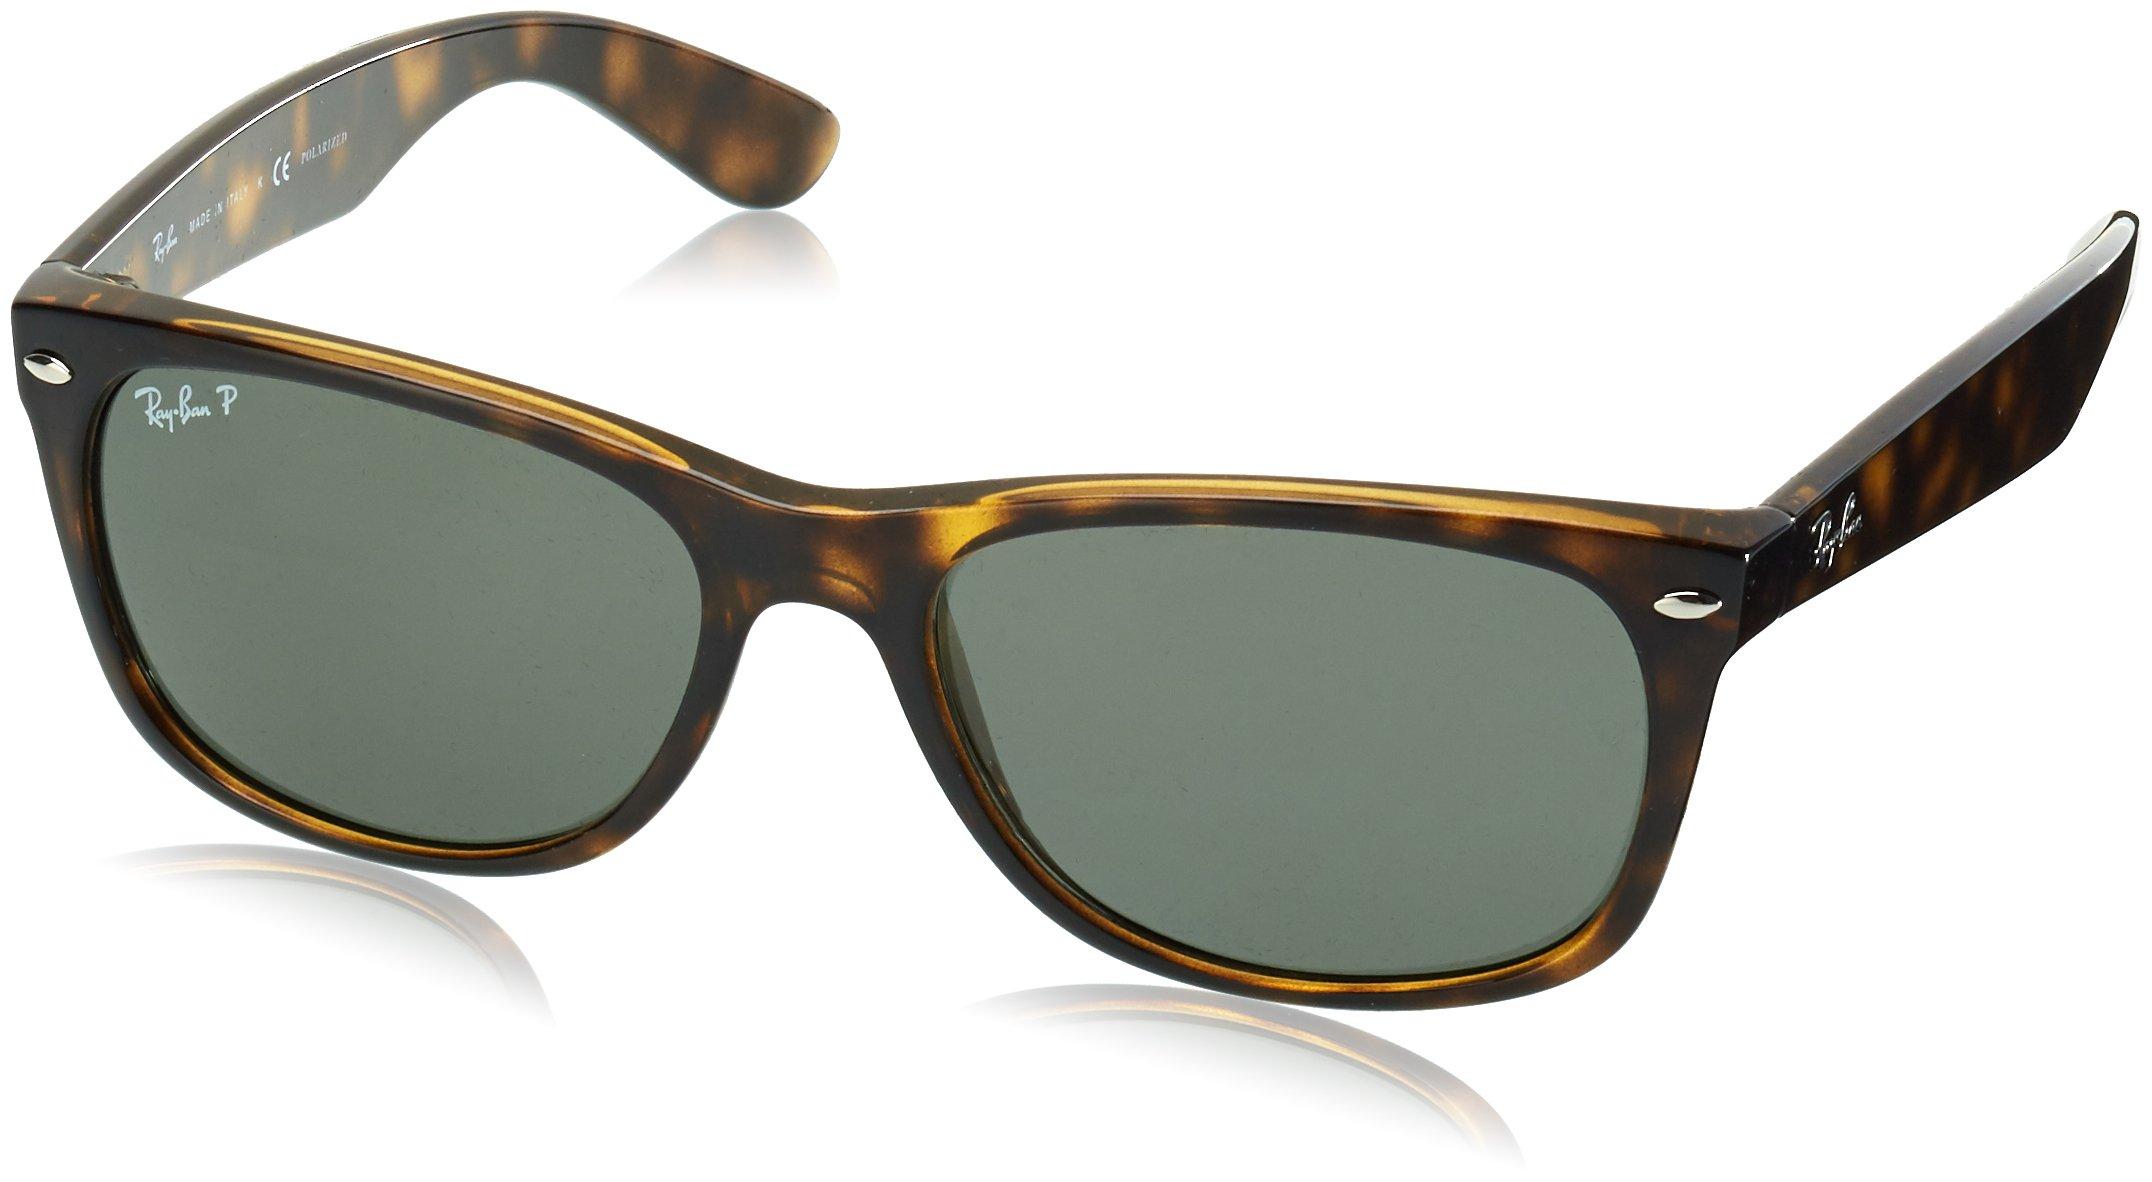 Ray-Ban, RB2132, New Wayfarer Sunglasses, Unisex Ray-Ban Sunglasses, 100% UV Protection, Polarized Wayfarer, Reduce Eye Strain, Lightweight Plastic Frame, Glass Lenses, 58 mm Frame